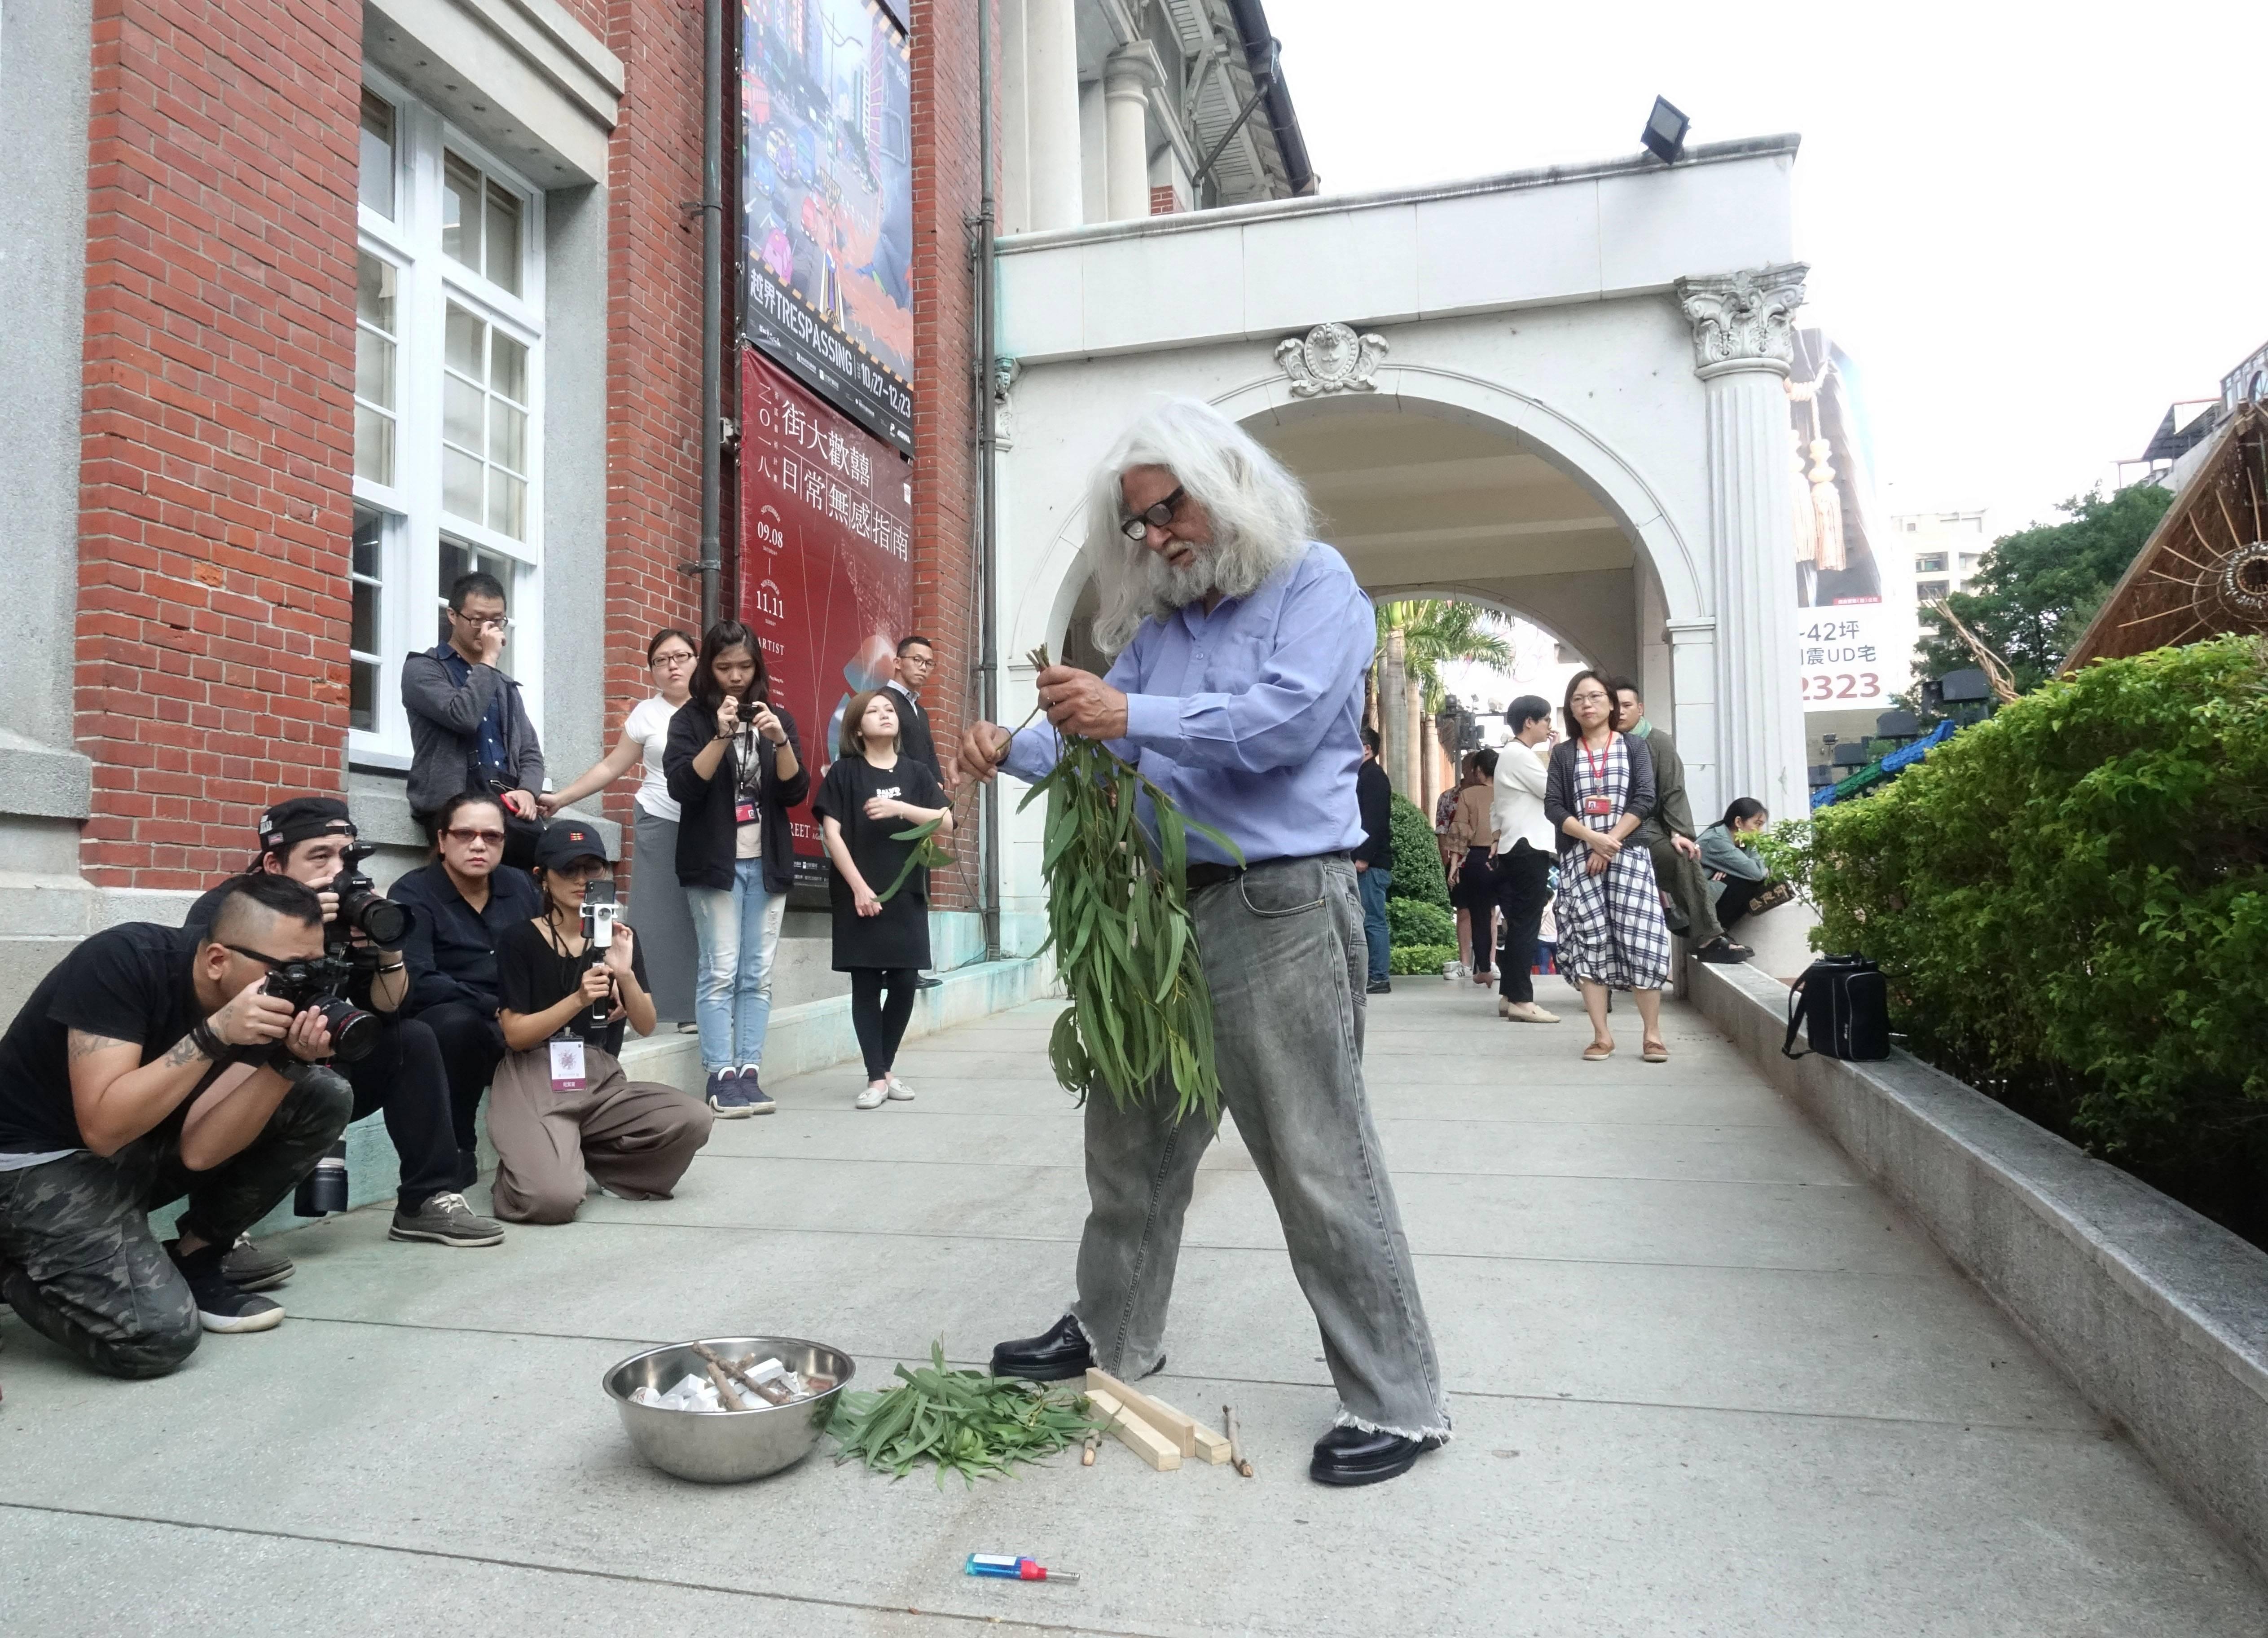 澳洲原住民長老賴瑞.沃許(Uncle LarryWalsh)演示傳統祈福淨化儀式,以尤加利葉燃燒所產生的煙霧來為這次的活動及參與者祈福。